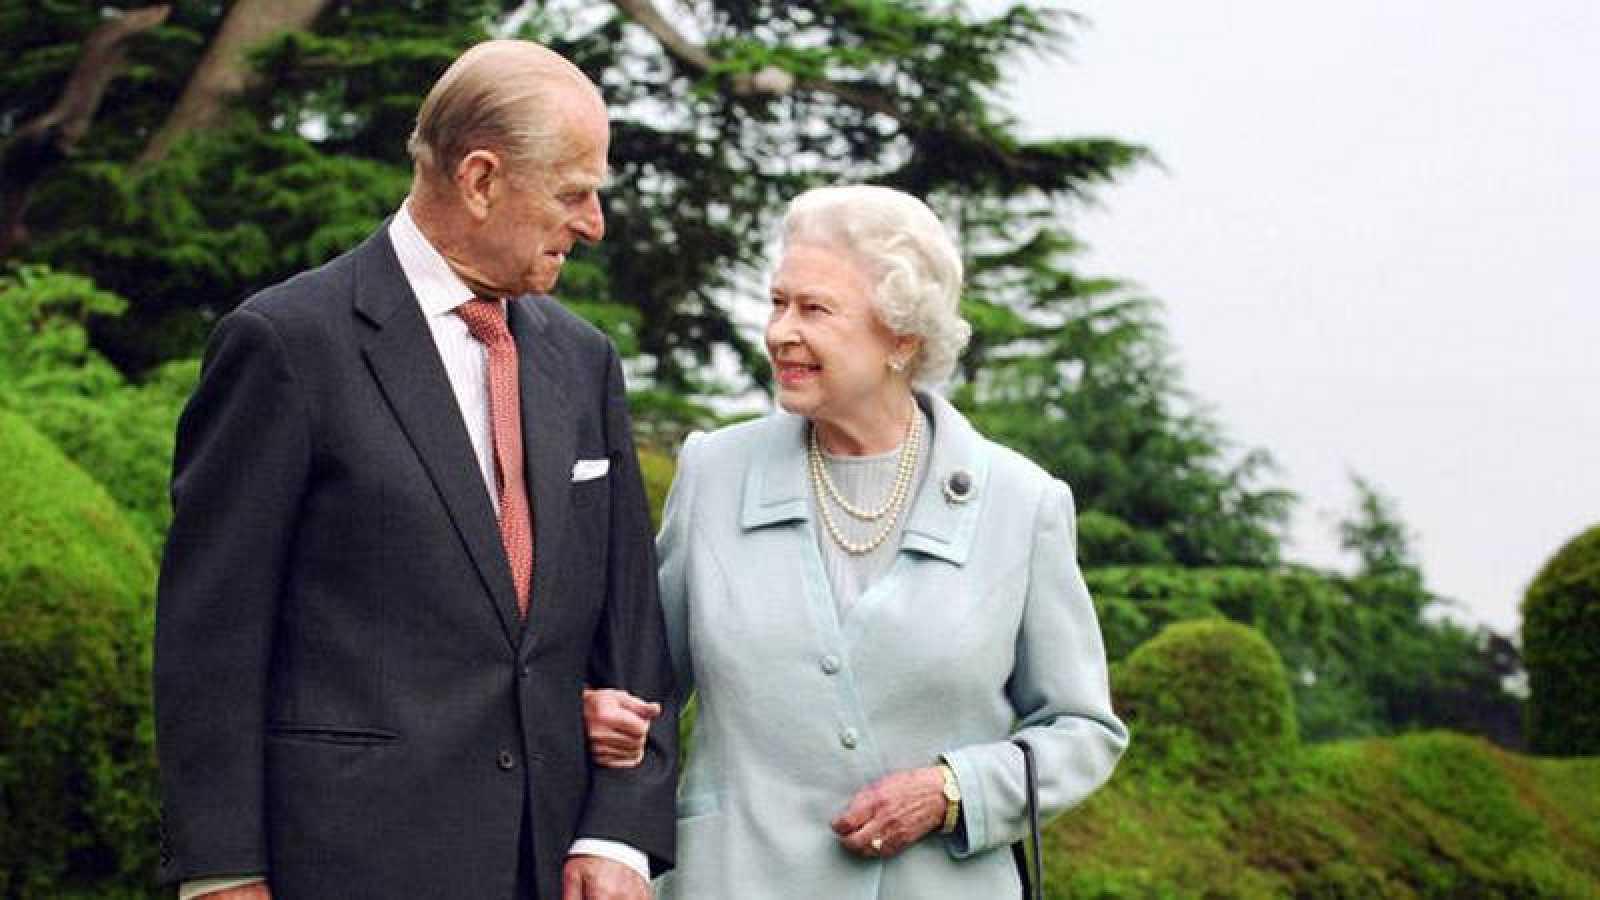 Fotografía del duque de Edimburgo y la reina Isabel II tomada con motivo de la celebración de sus bodas de diamante con la monarca, que se conmemoró en 2007.